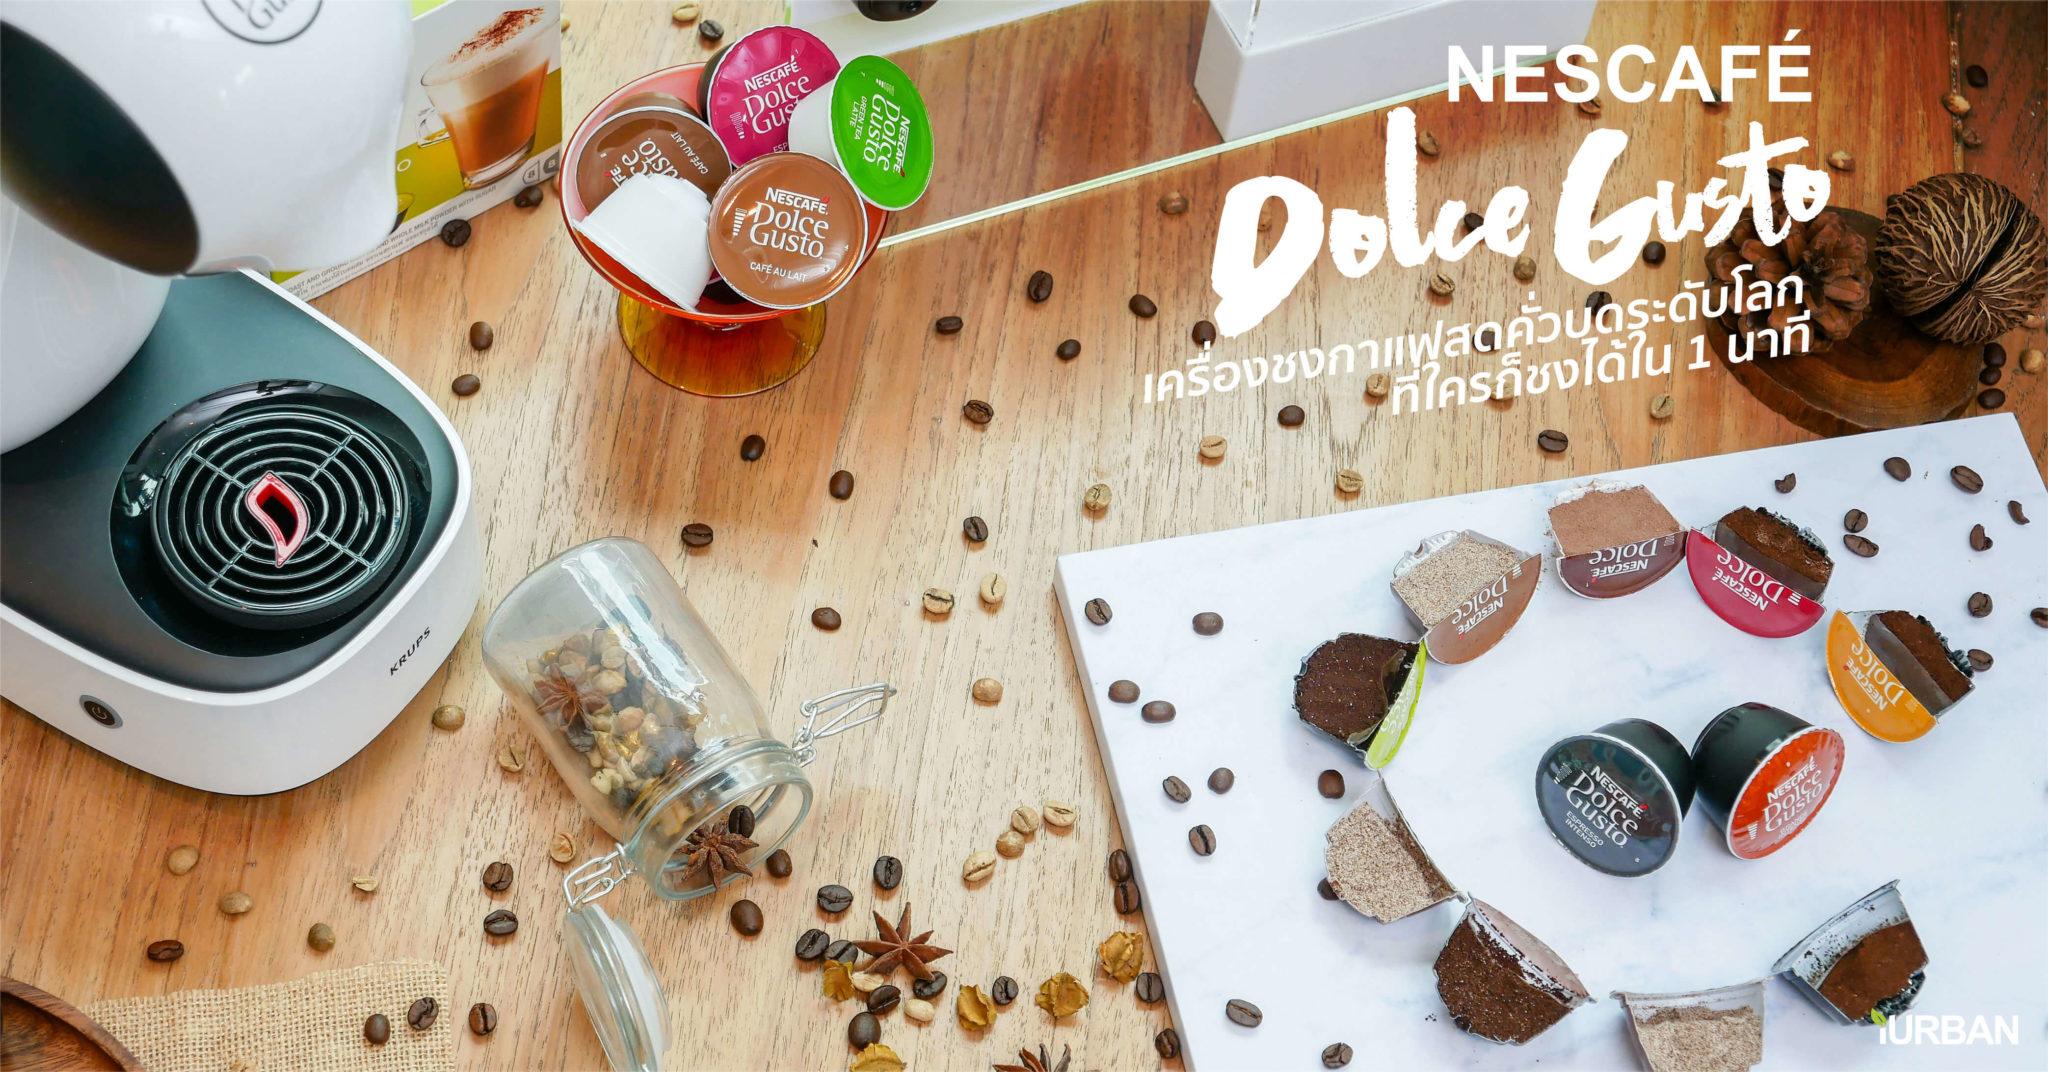 หลายเรื่องที่รู้แล้วคุณจะรัก NESCAFÉ Dolce Gusto นวัตกรรมกาแฟสดระดับโลกที่คุณก็ชงได้ 13 - Coffee